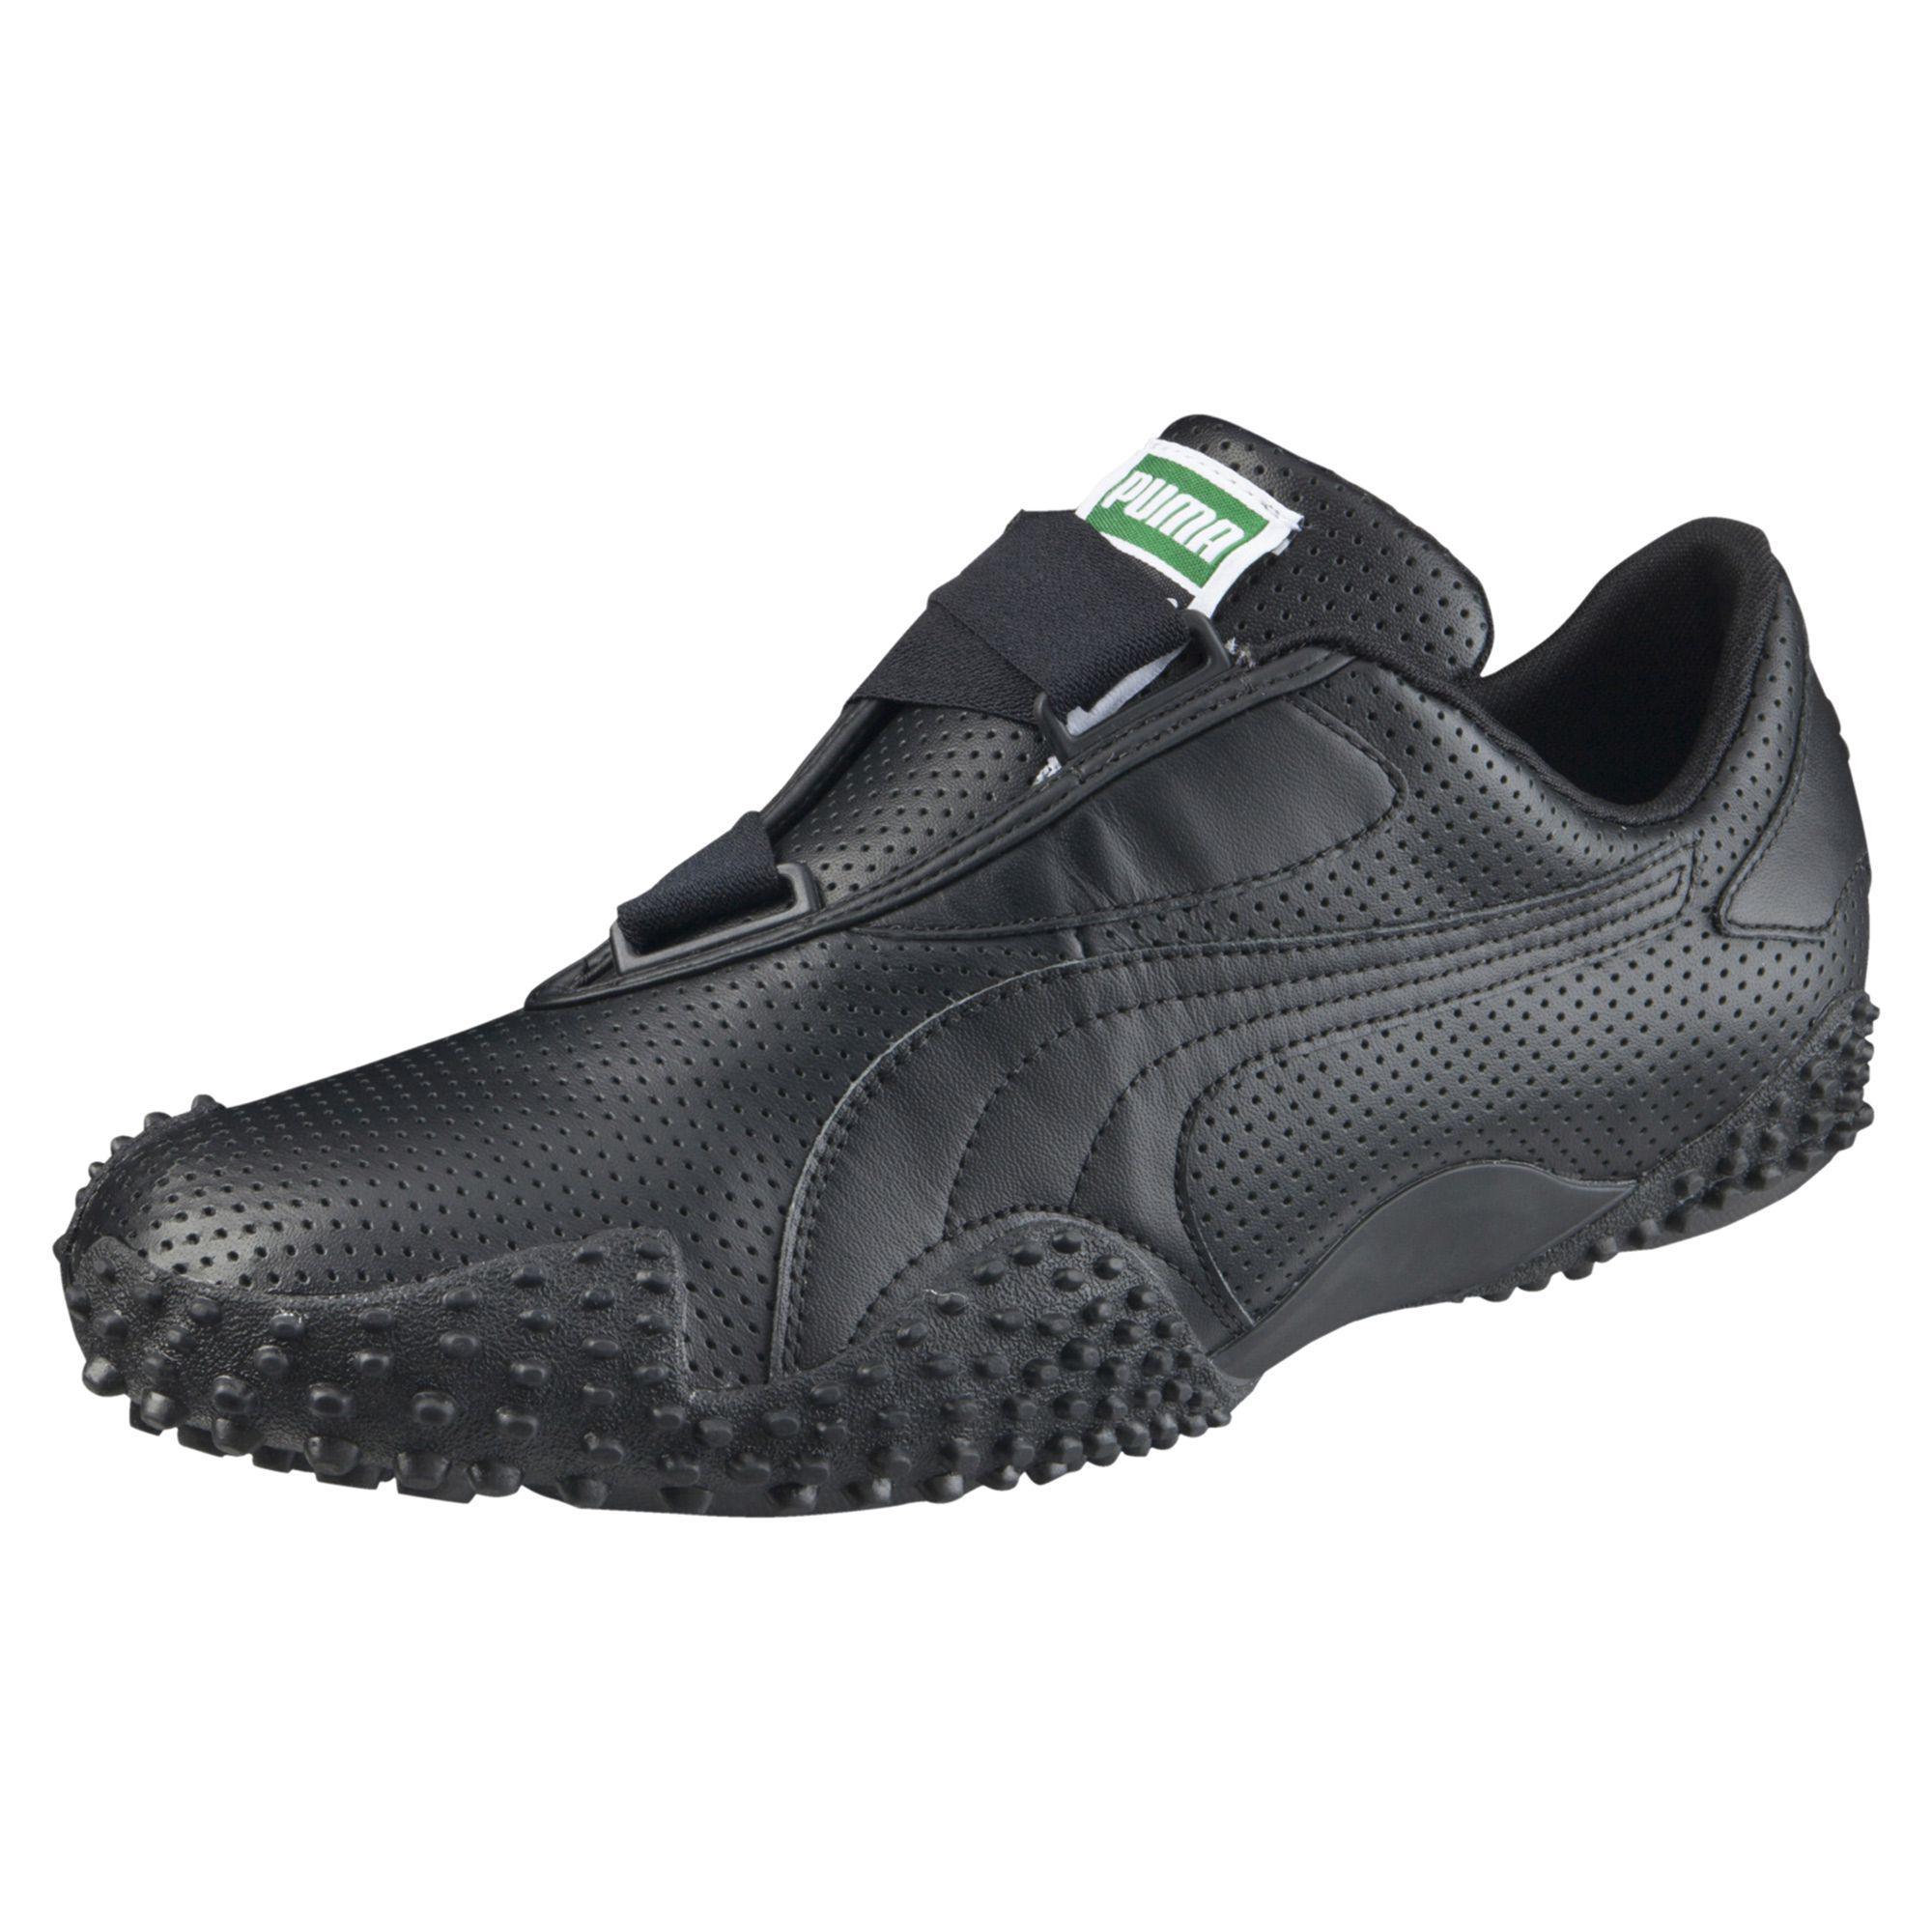 check-out 64843 4de6d Men's Black Mostro Perf Leather